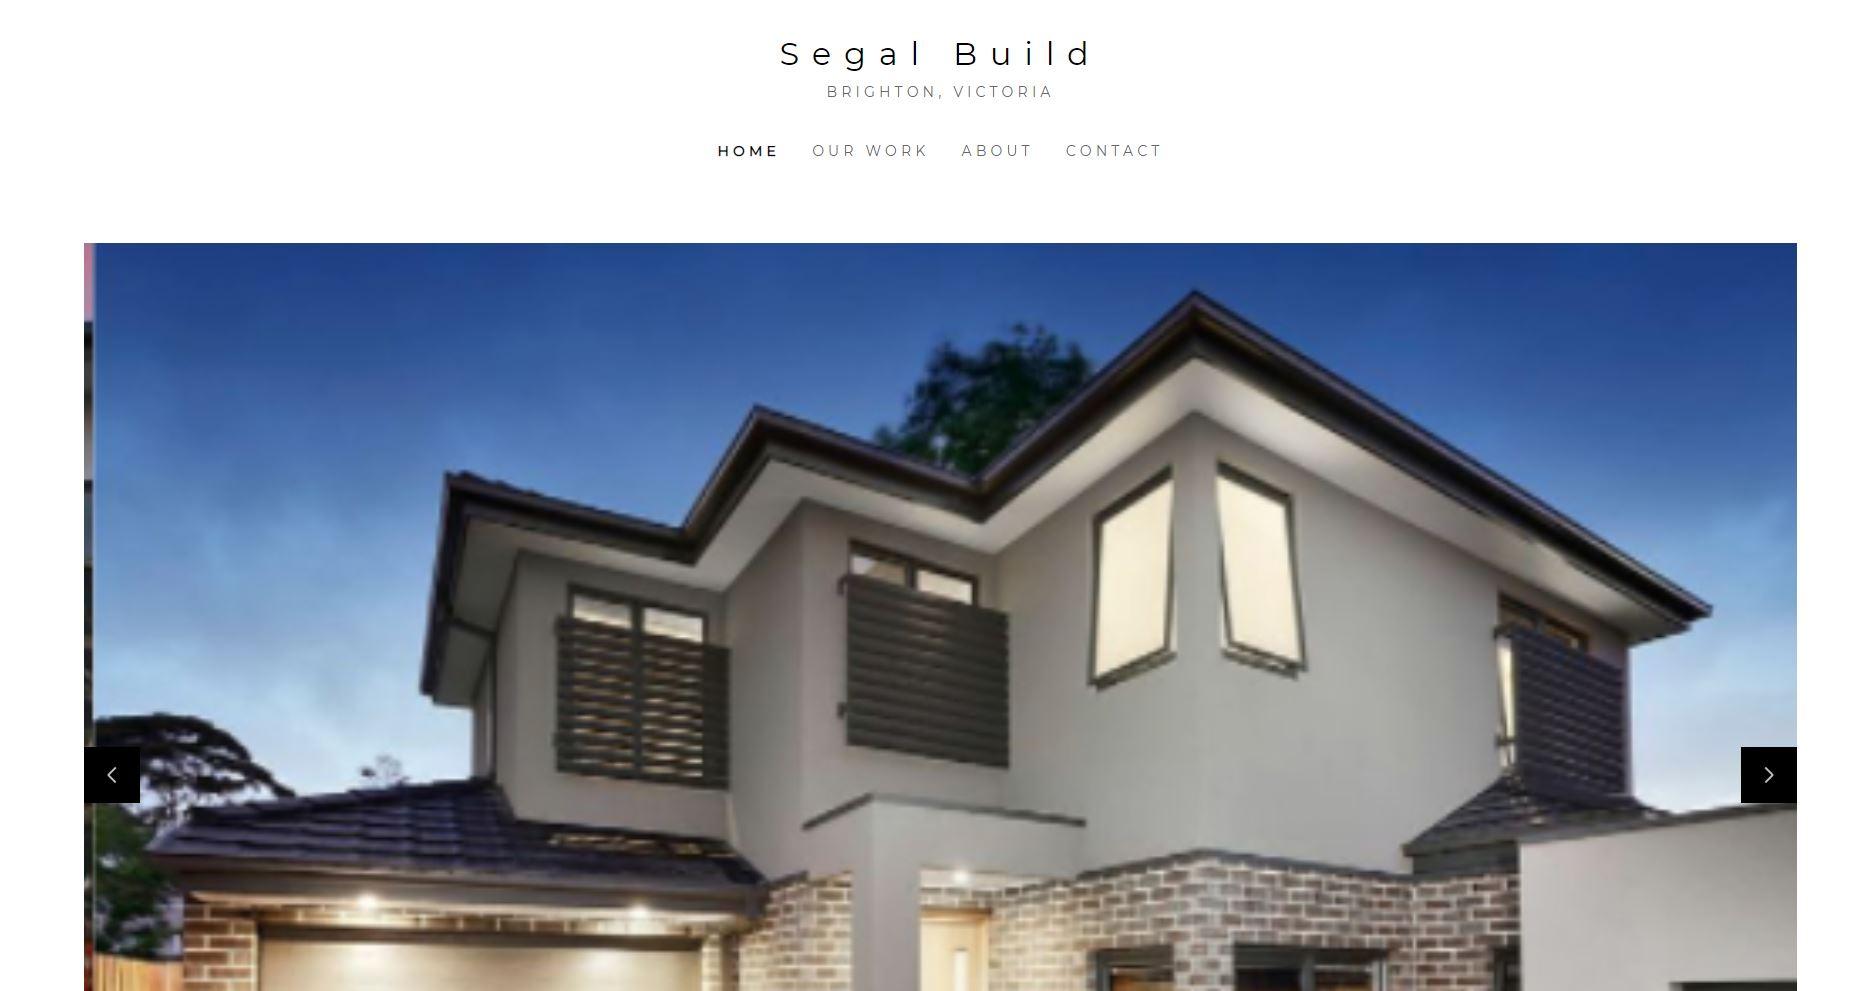 Segal Build